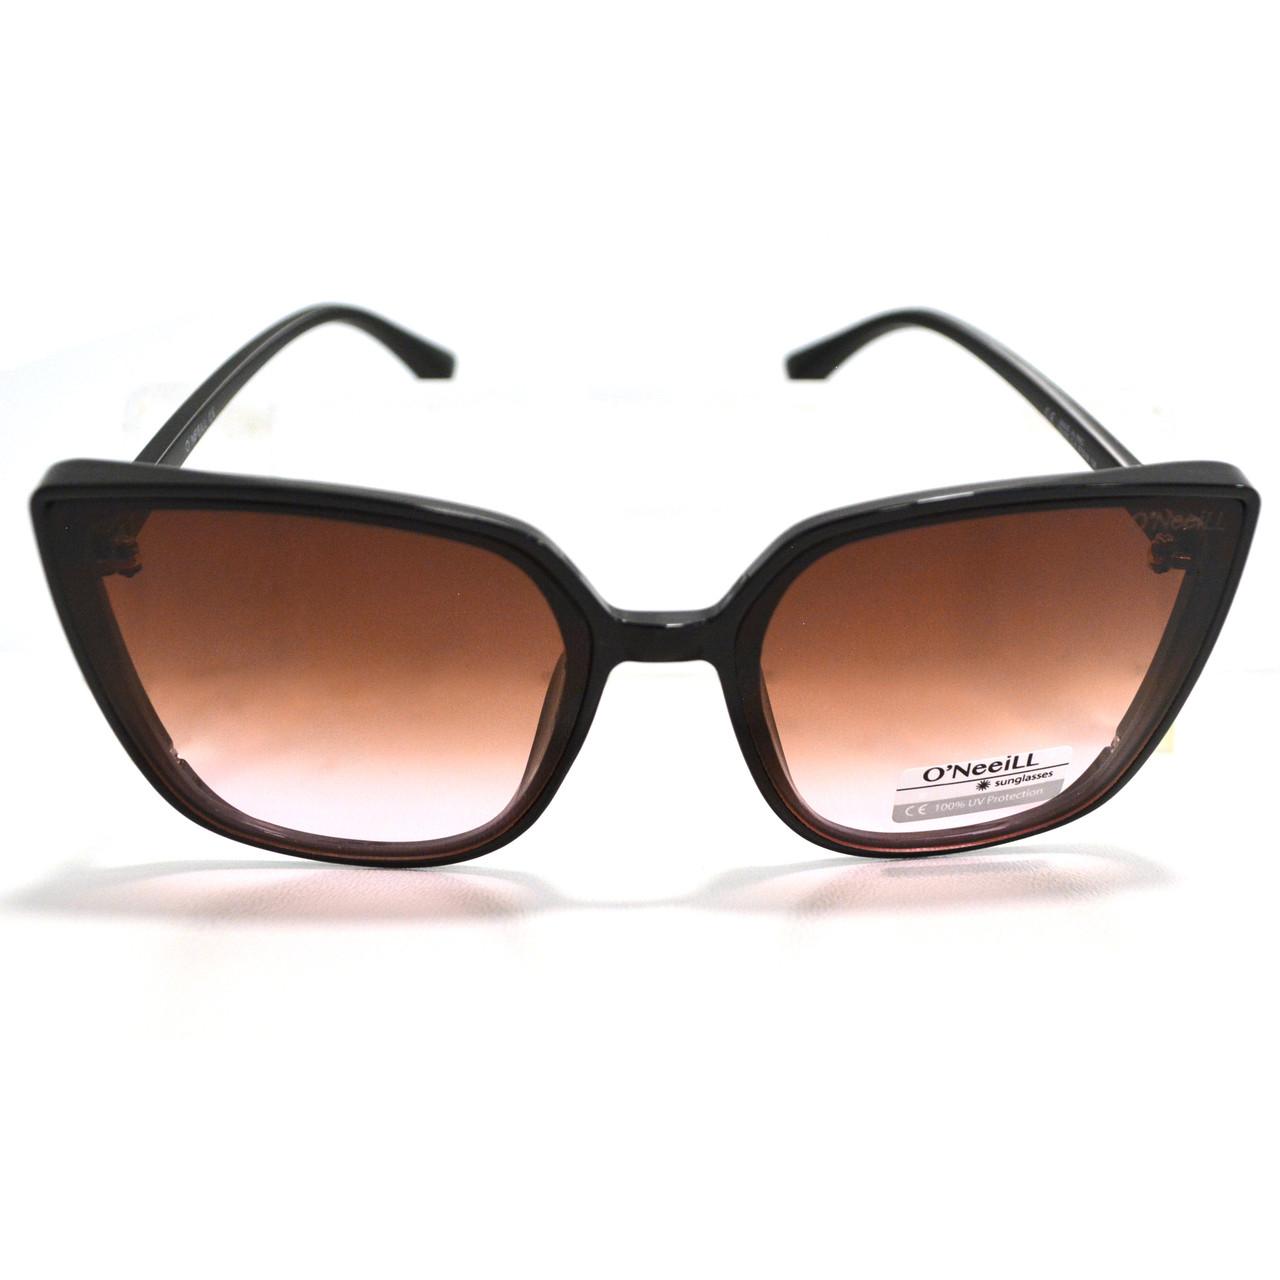 Солнцезащитные очки с коричневыми стеклами UV 400 O'NeeiLL D9105 черные - фото 6